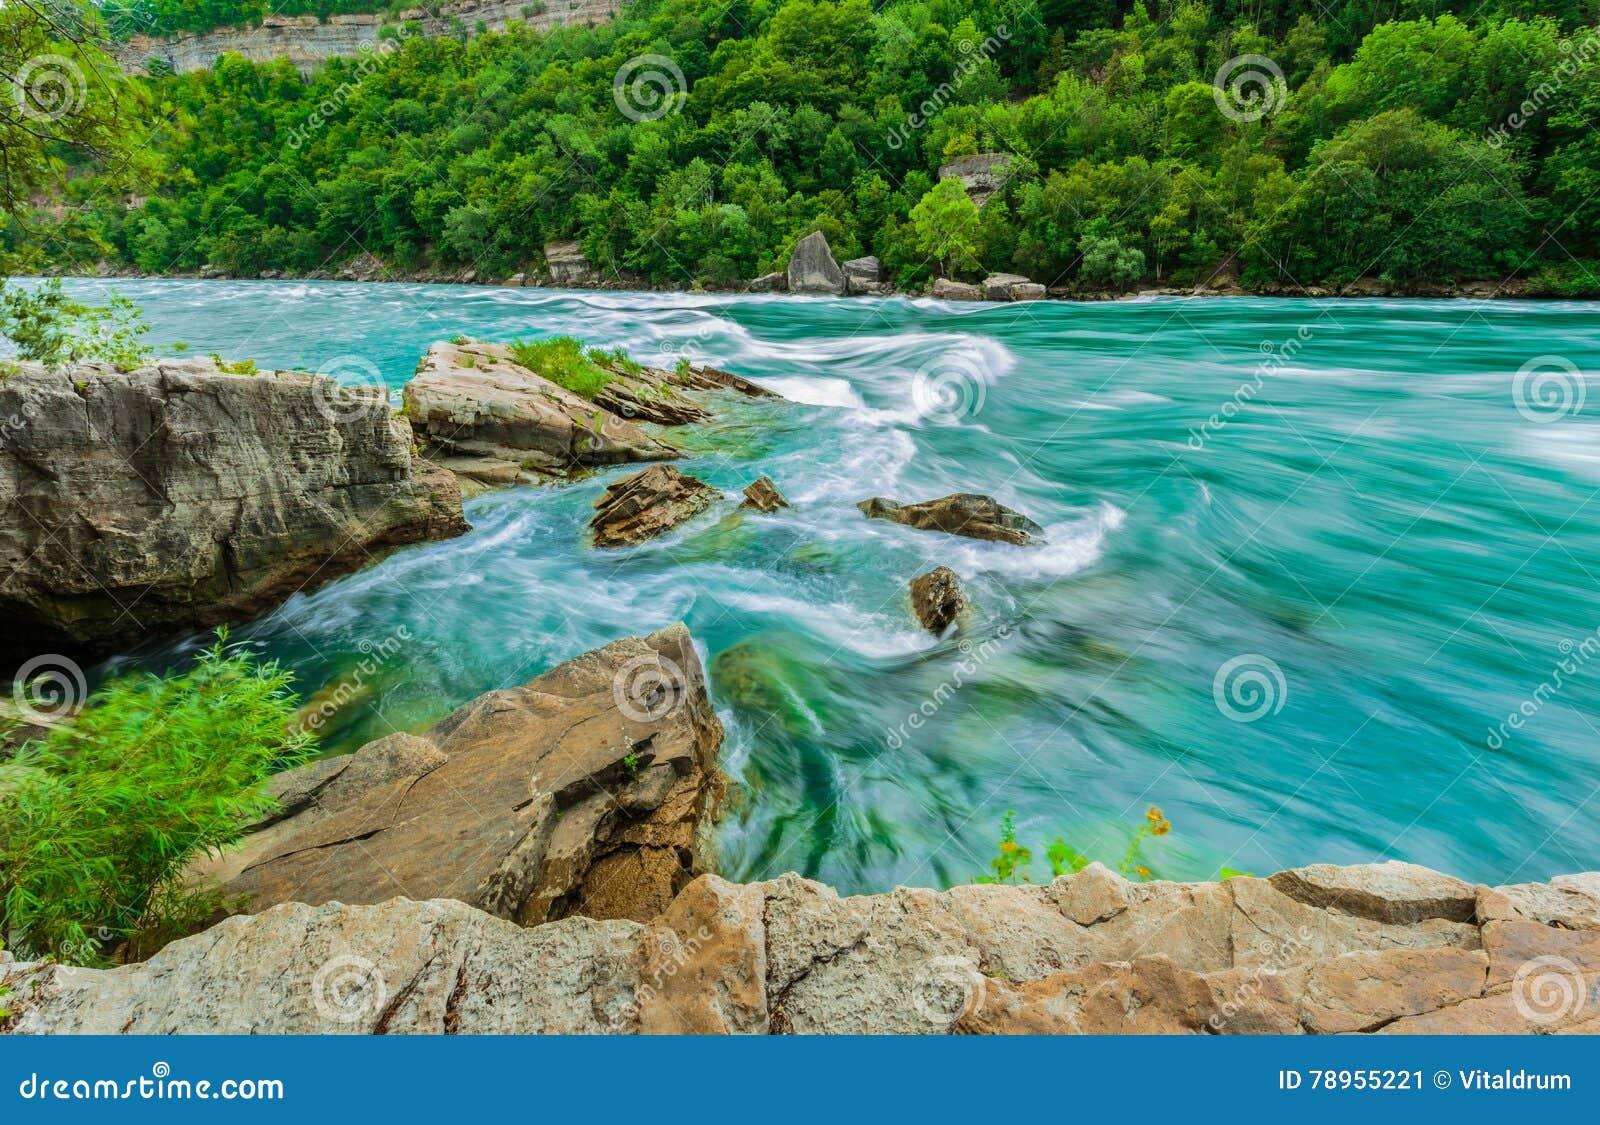 Den härliga fantastiska ursnygga sikten av den Niagara Falls floden med flödet av vatten ändrar plötsligt riktning